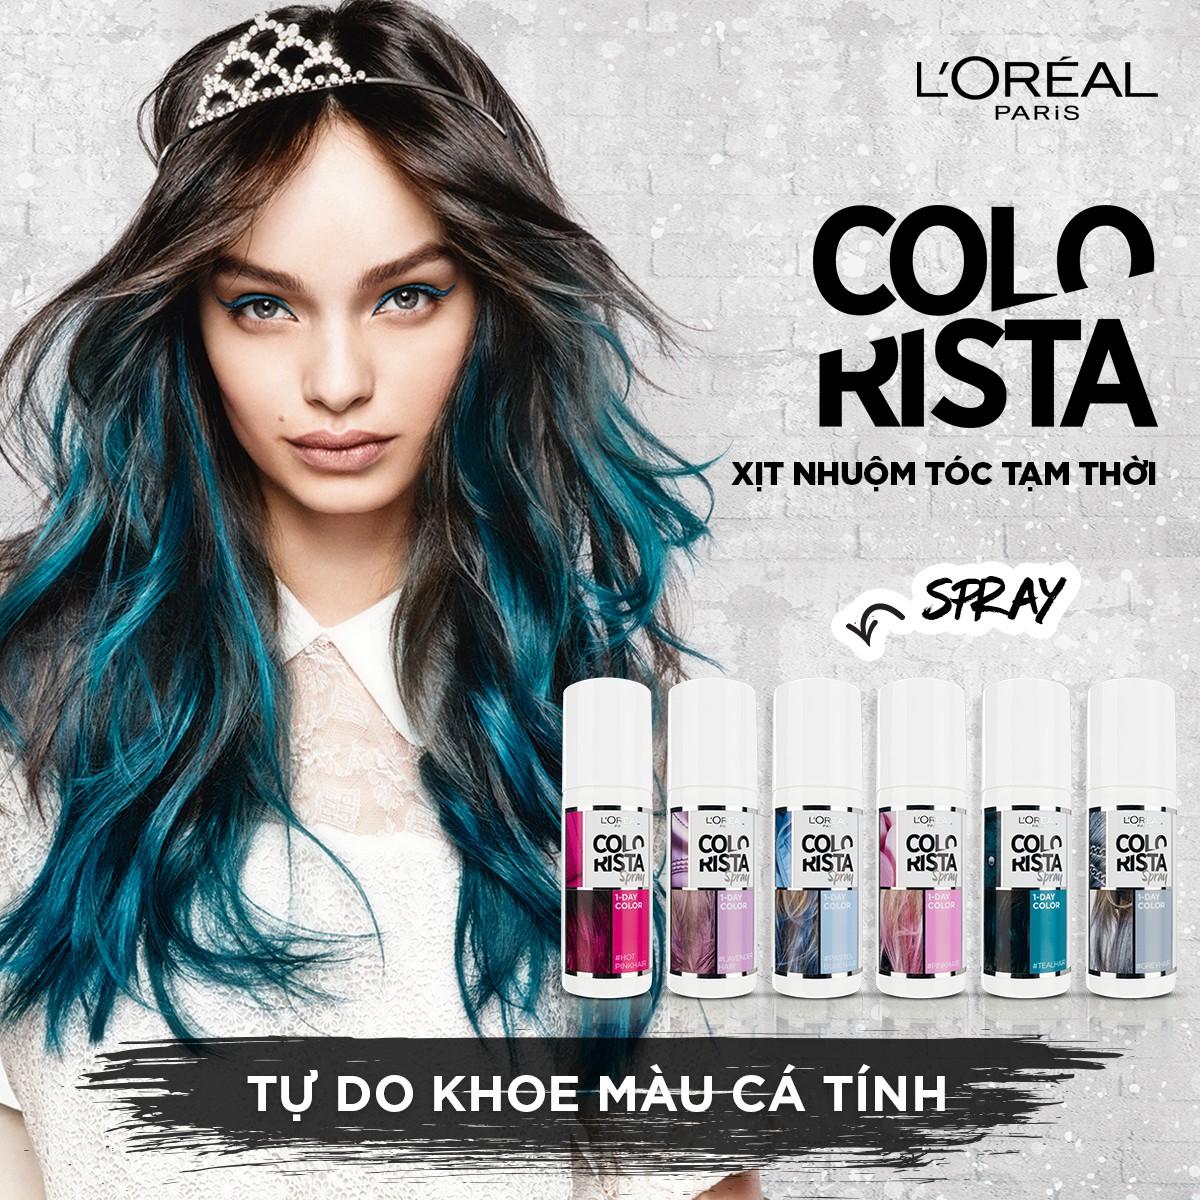 Muốn thử nhiều màu thời thượng mà không sợ hư tóc, đừng lo nay đã có sản phẩm nhuộm tóc 1 ngày! - Ảnh 3.